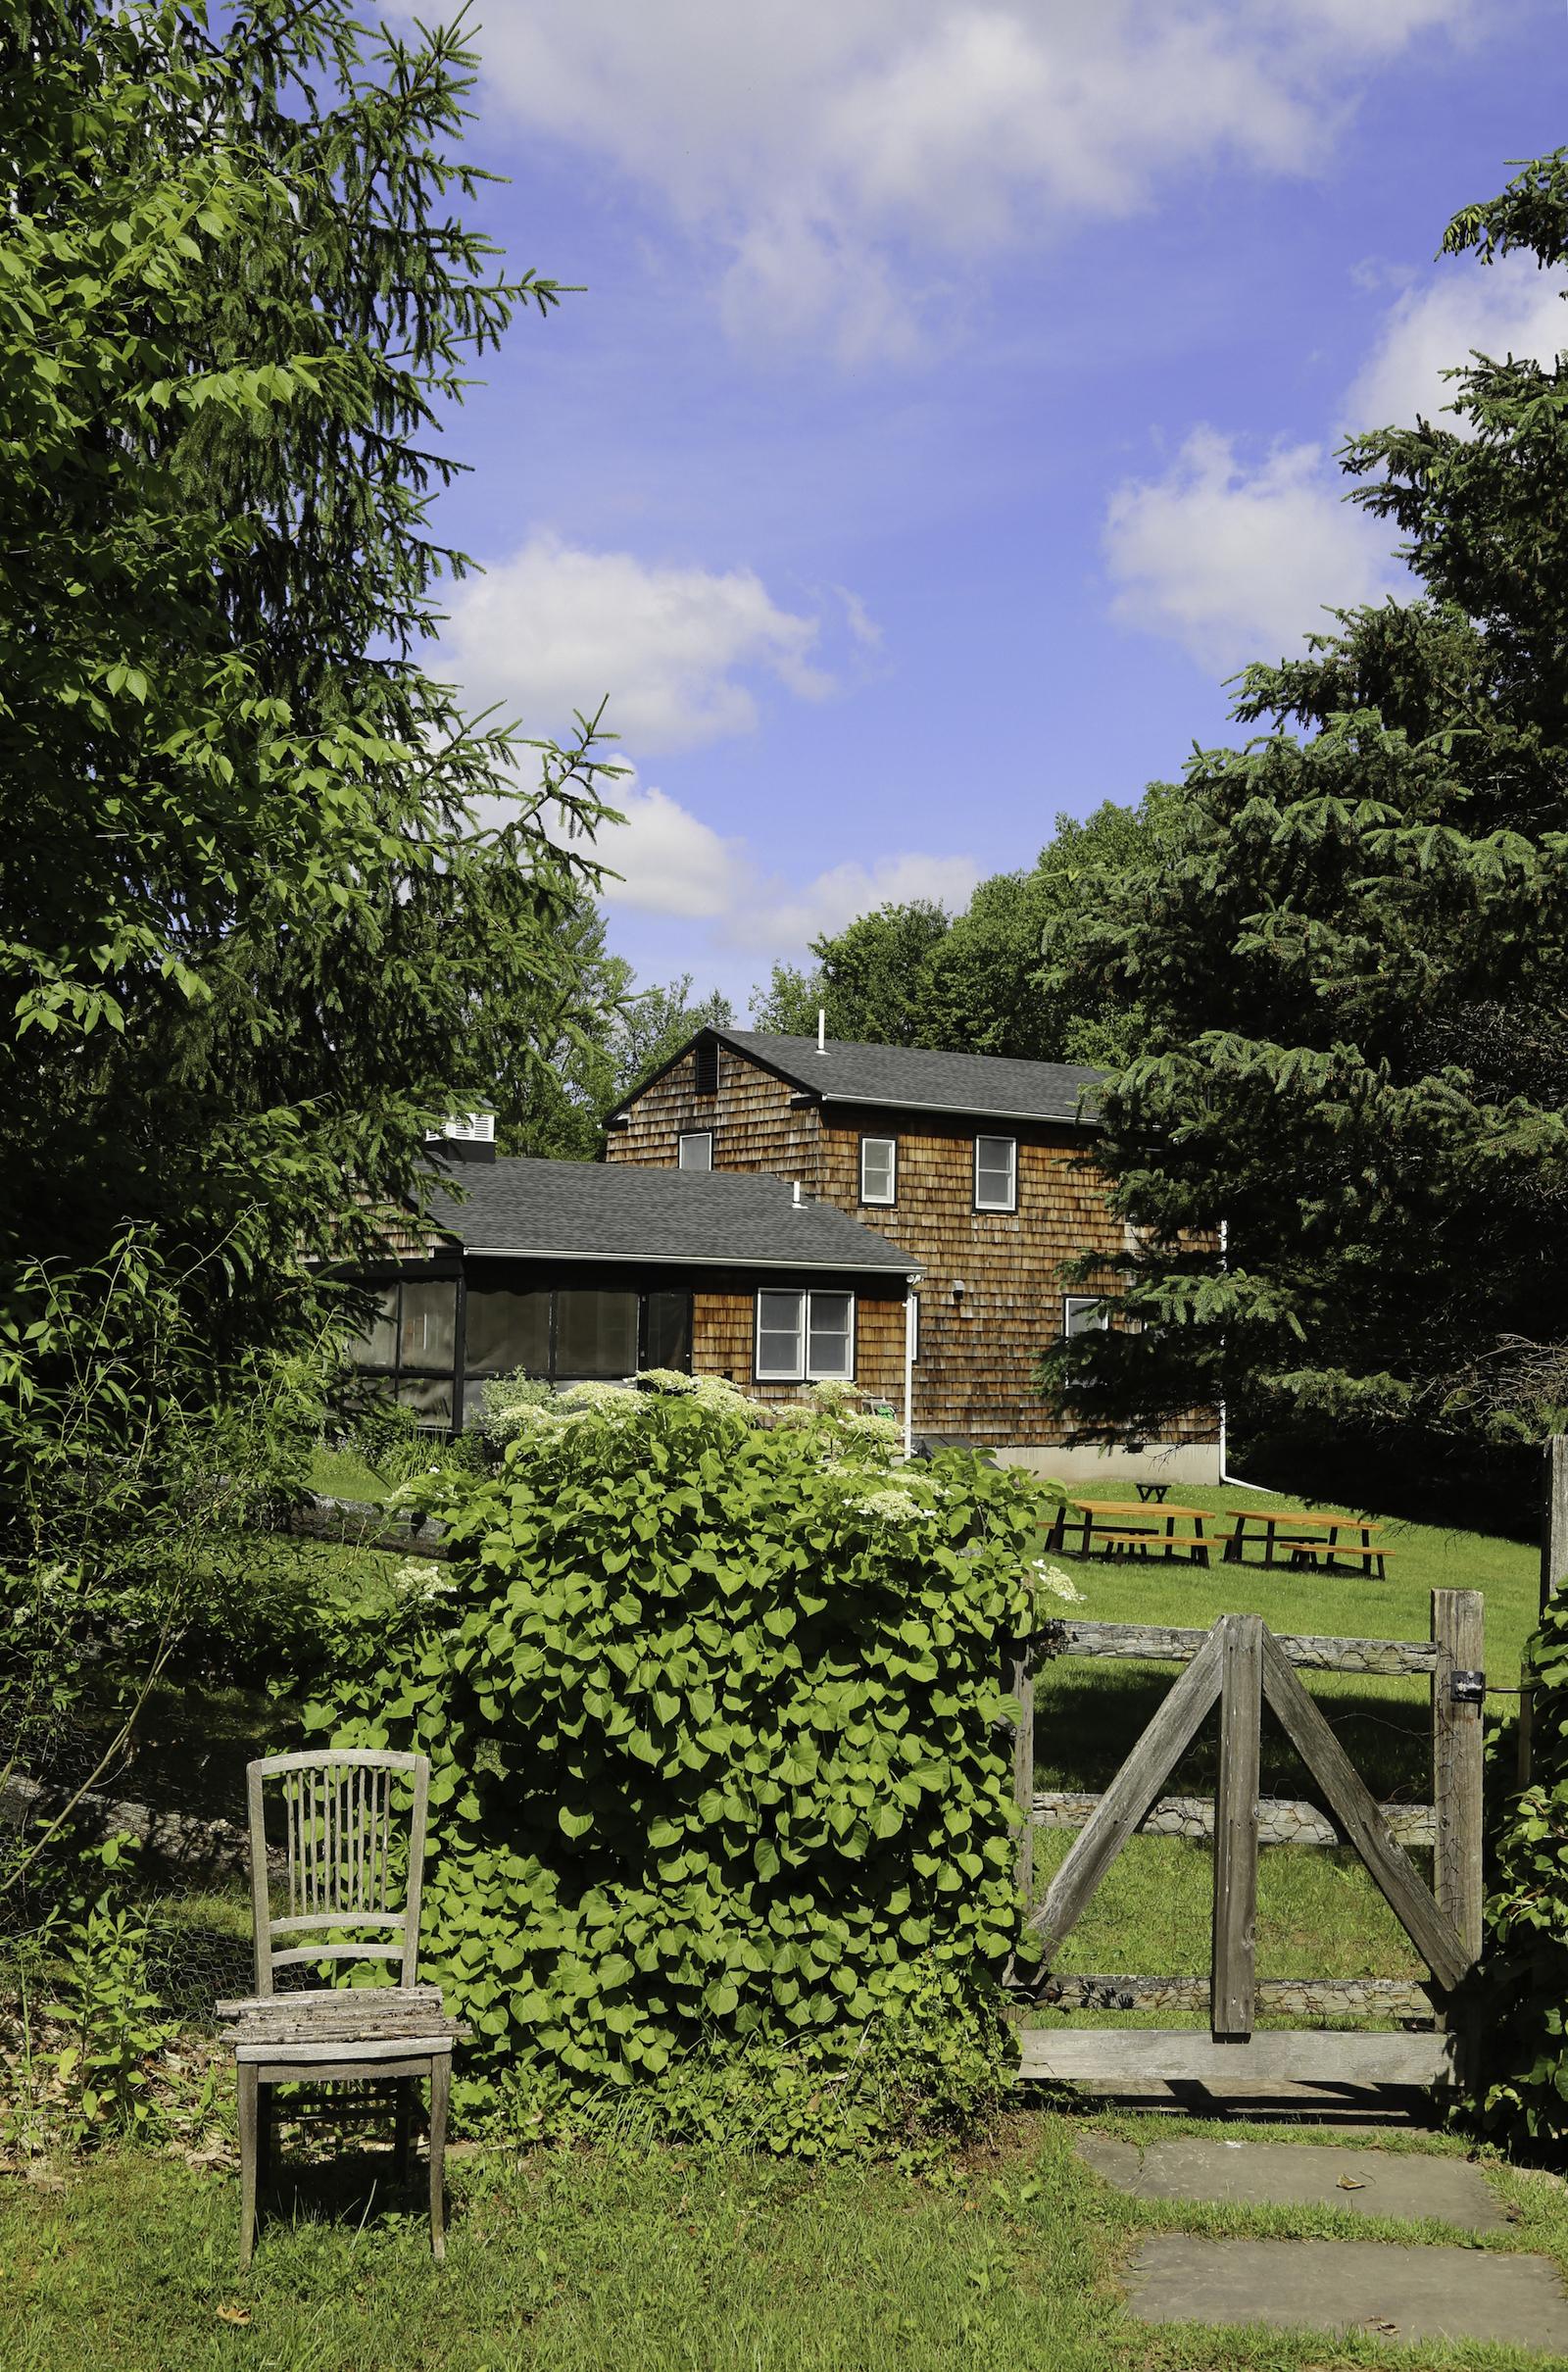 HUBERT HOUSE BACK OF HOUSE FROM POOL.jpg